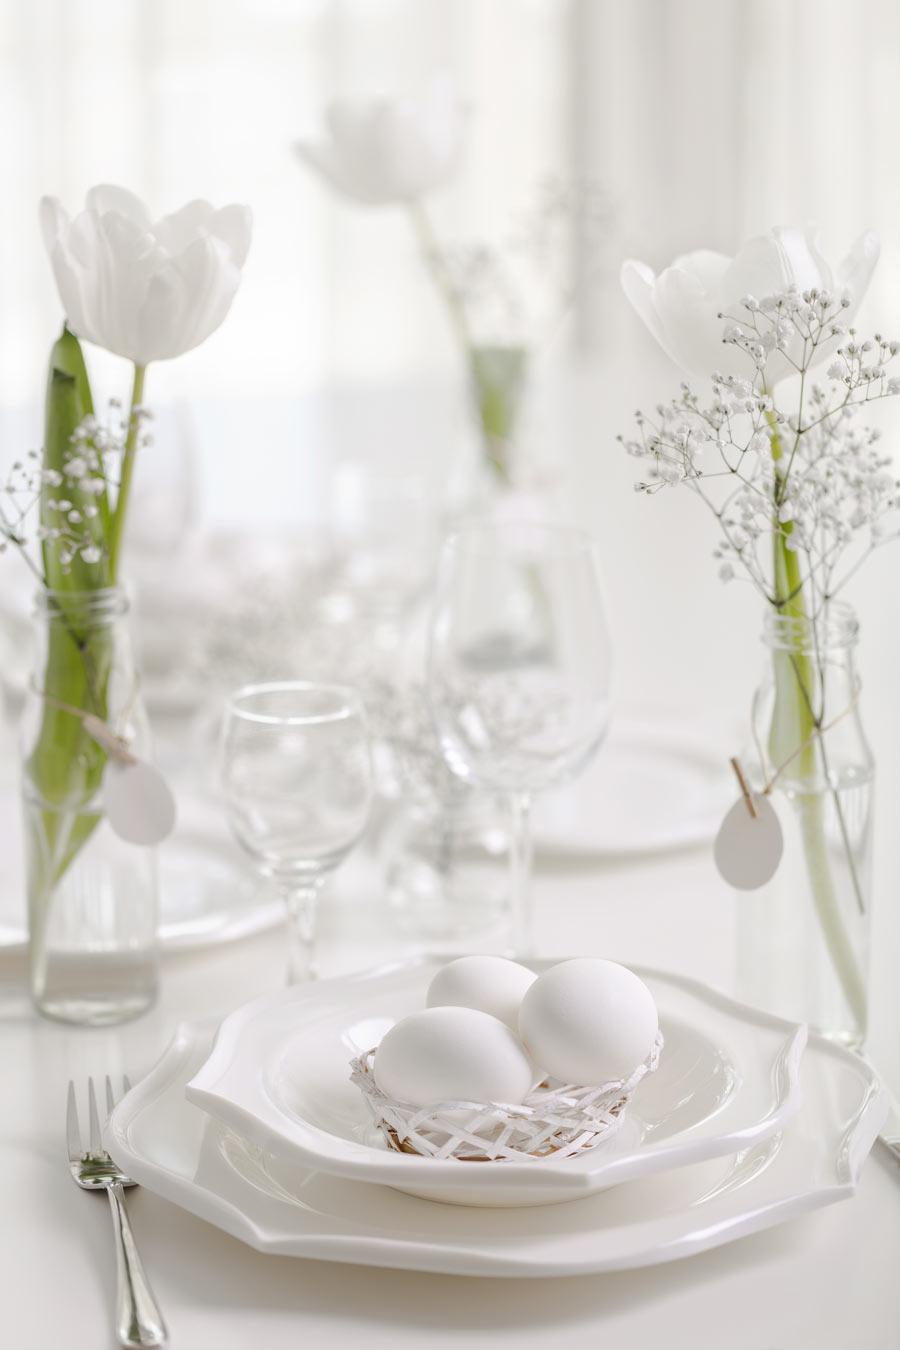 Ovetti di Pasqua in un cestino bianco, bellissimo per decorare il tavolo in stile shabby chic.